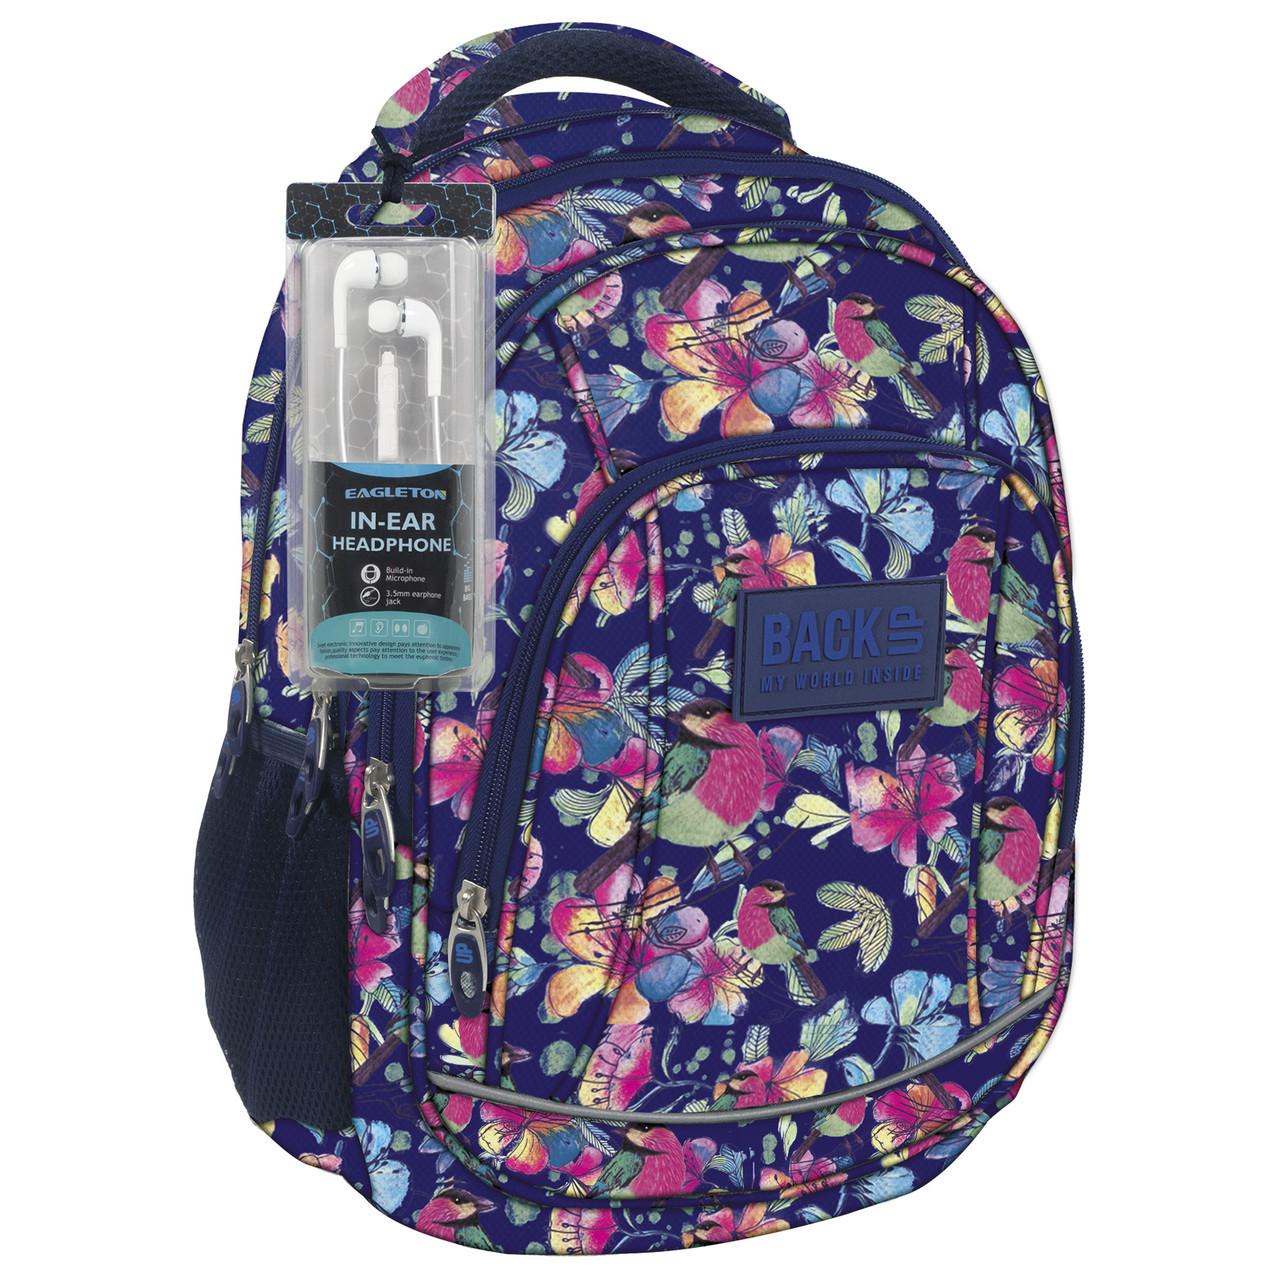 Рюкзак Back UP Model A12 - наушники в подарок